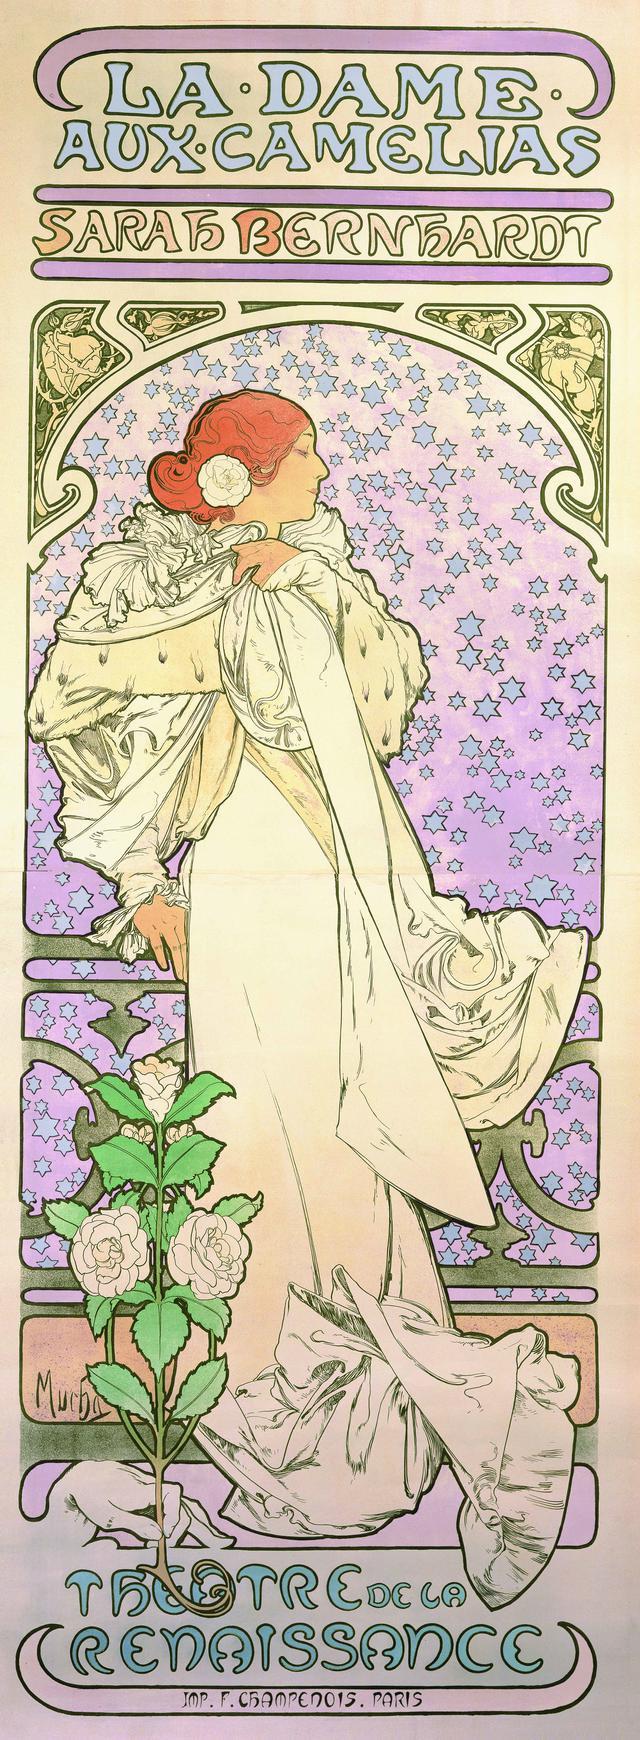 画像: アルフォンス・ミュシャ 《椿姫》1896年 カラーリトグラフ ミュシャ財団蔵 ©Mucha Trust 2020